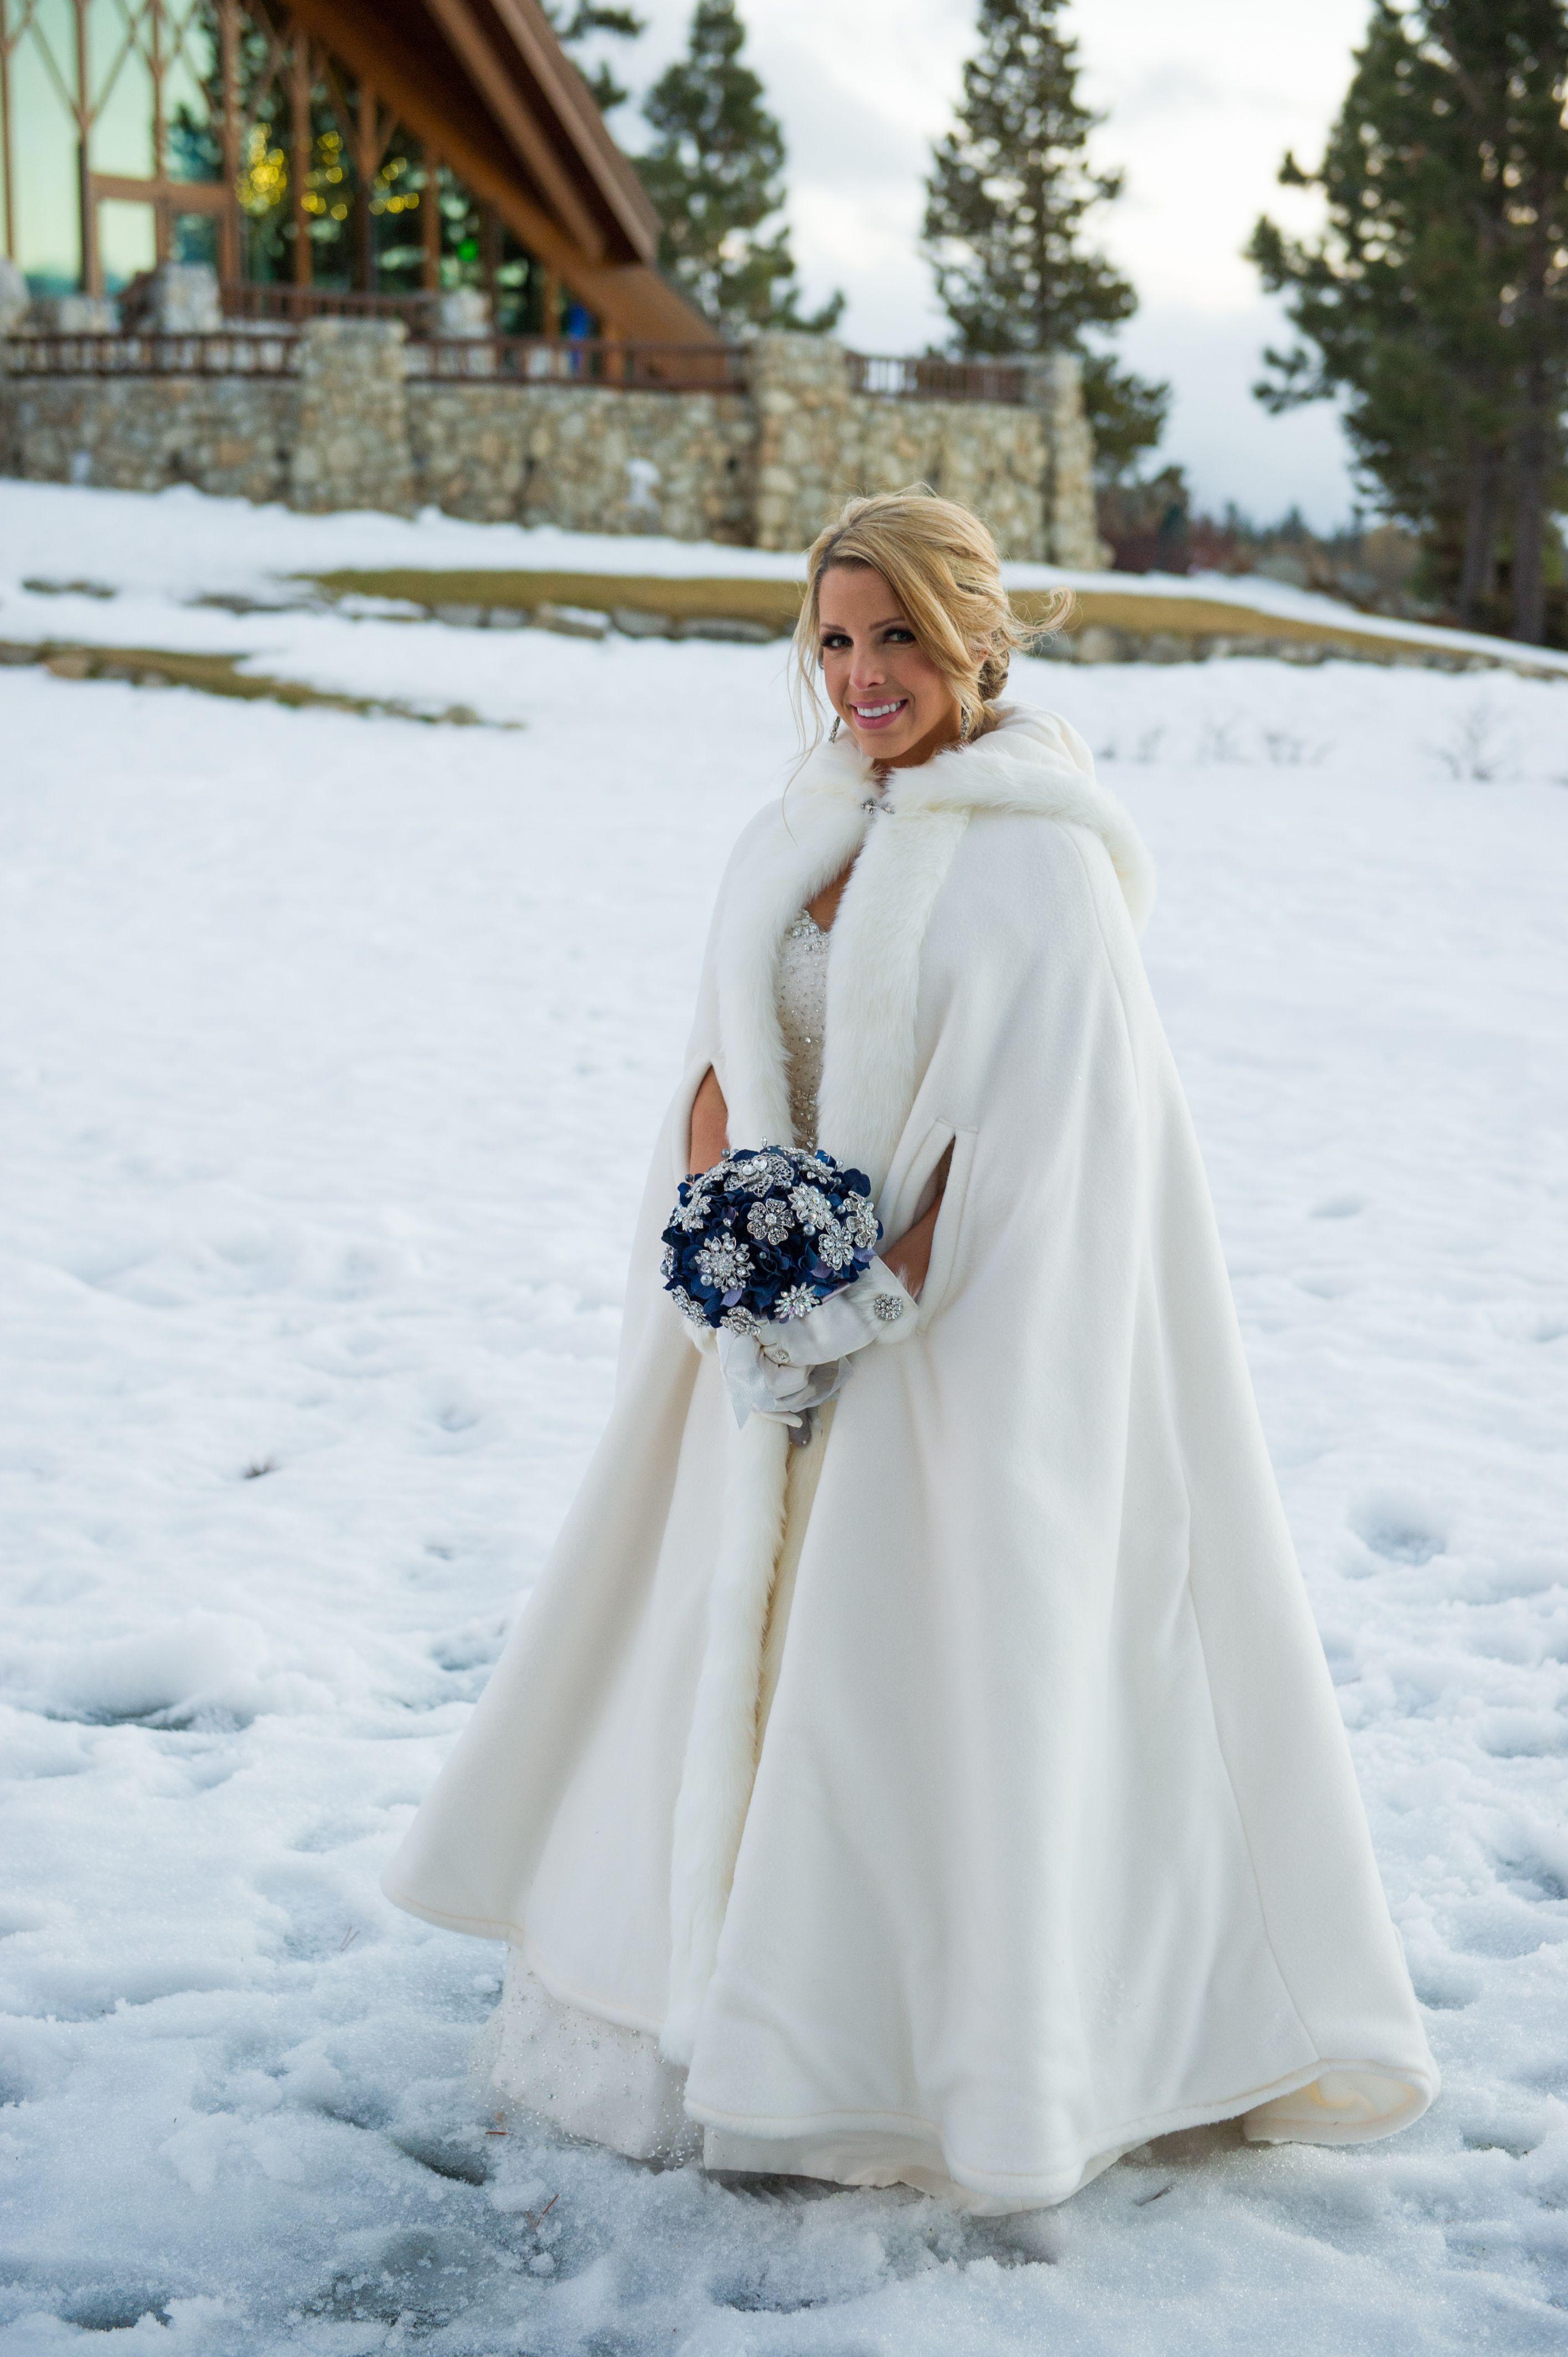 Rachel & Jesse on Borrowed & Blue, Edgewood Tahoe wedding